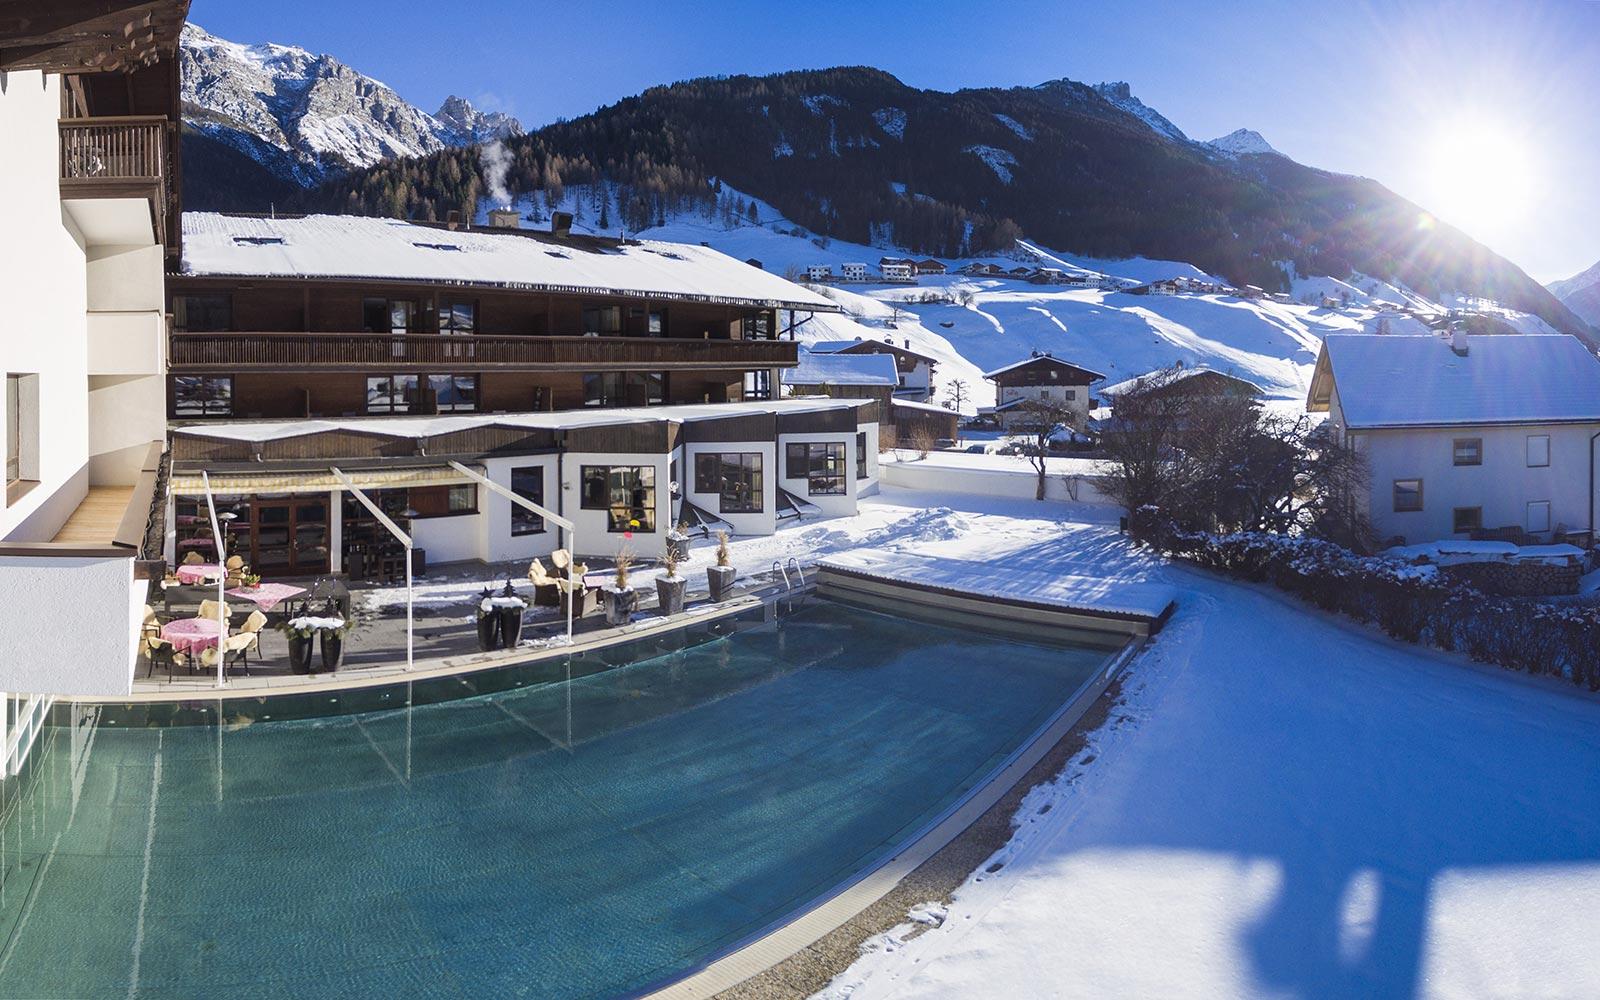 Skiurlaub in Tirol - Urlaub im Hotel Happy Stubai Hostel Neustift Österreich